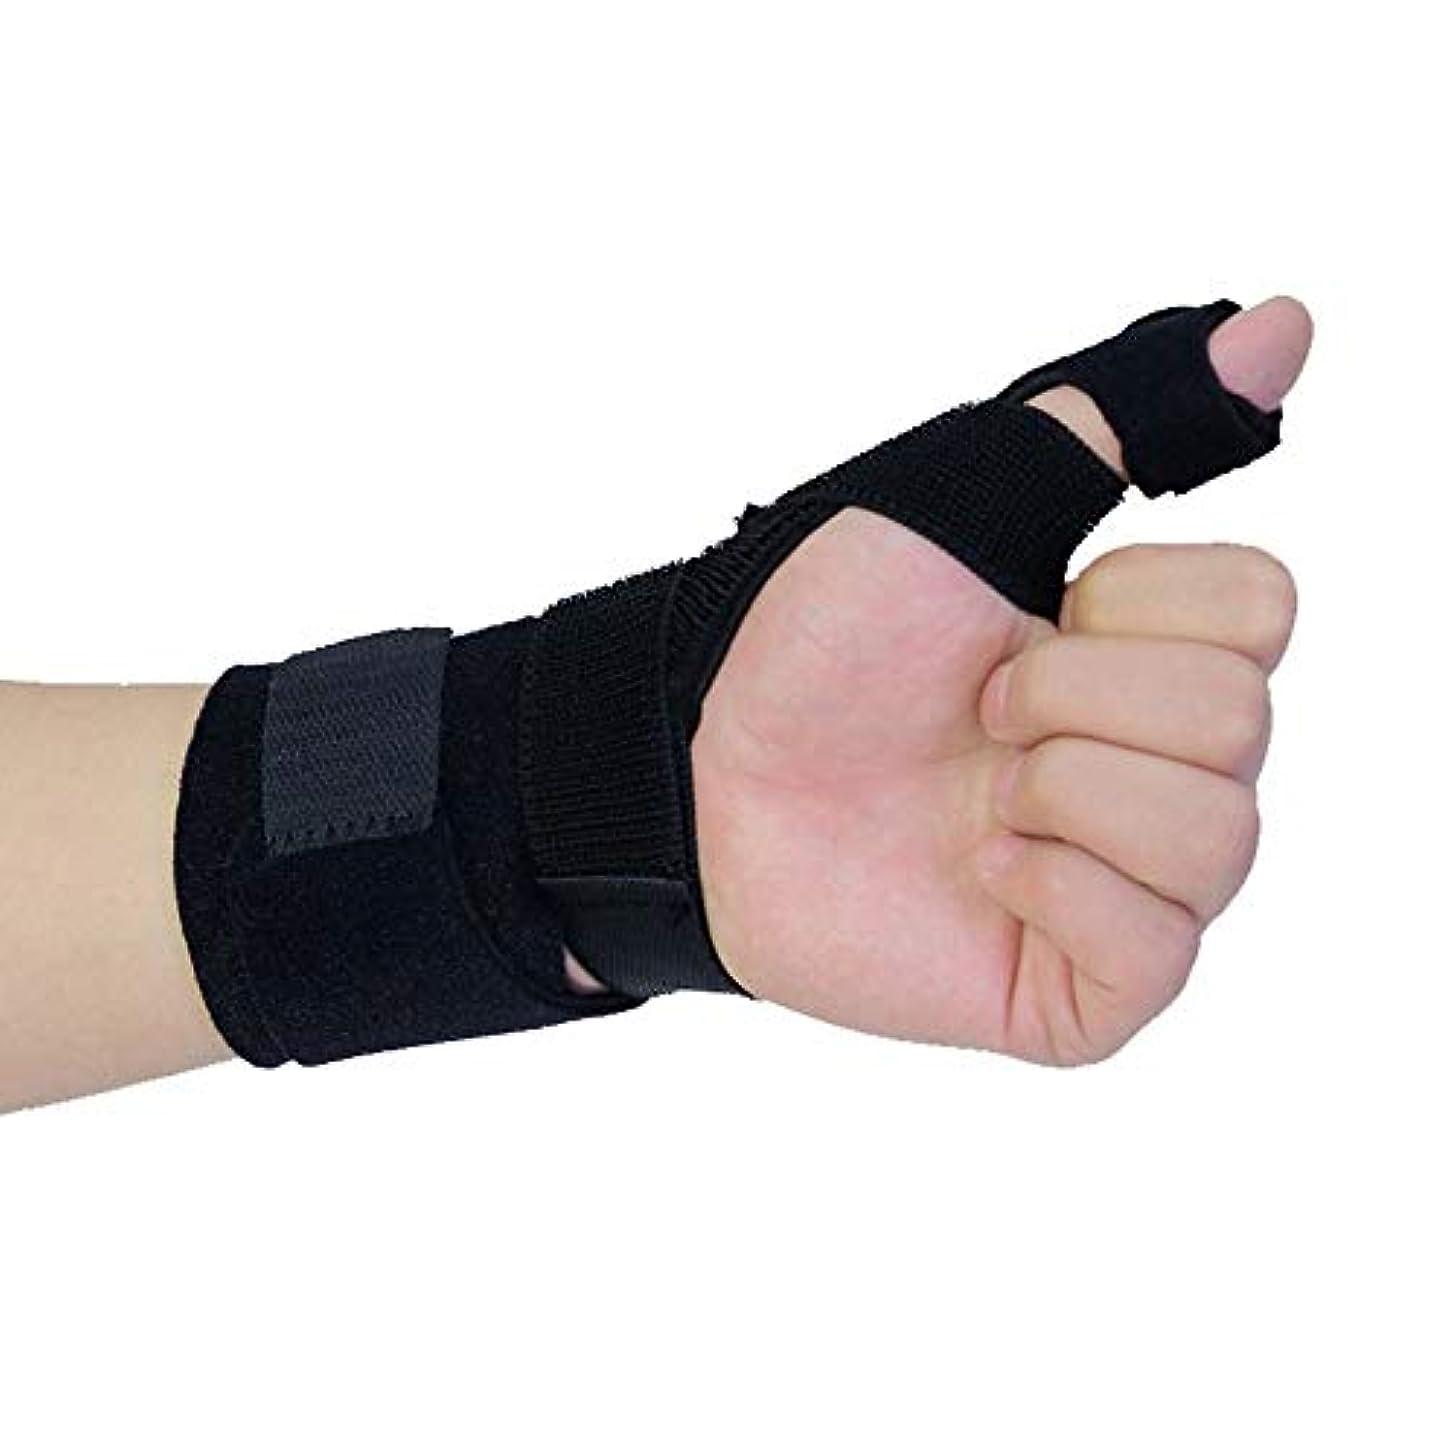 お互いオフセット引数親指ブレース、関節炎、腱炎、手根管の痛みの軽減、軽量で 調節可能なサイズに適した調節可能なプロテクター